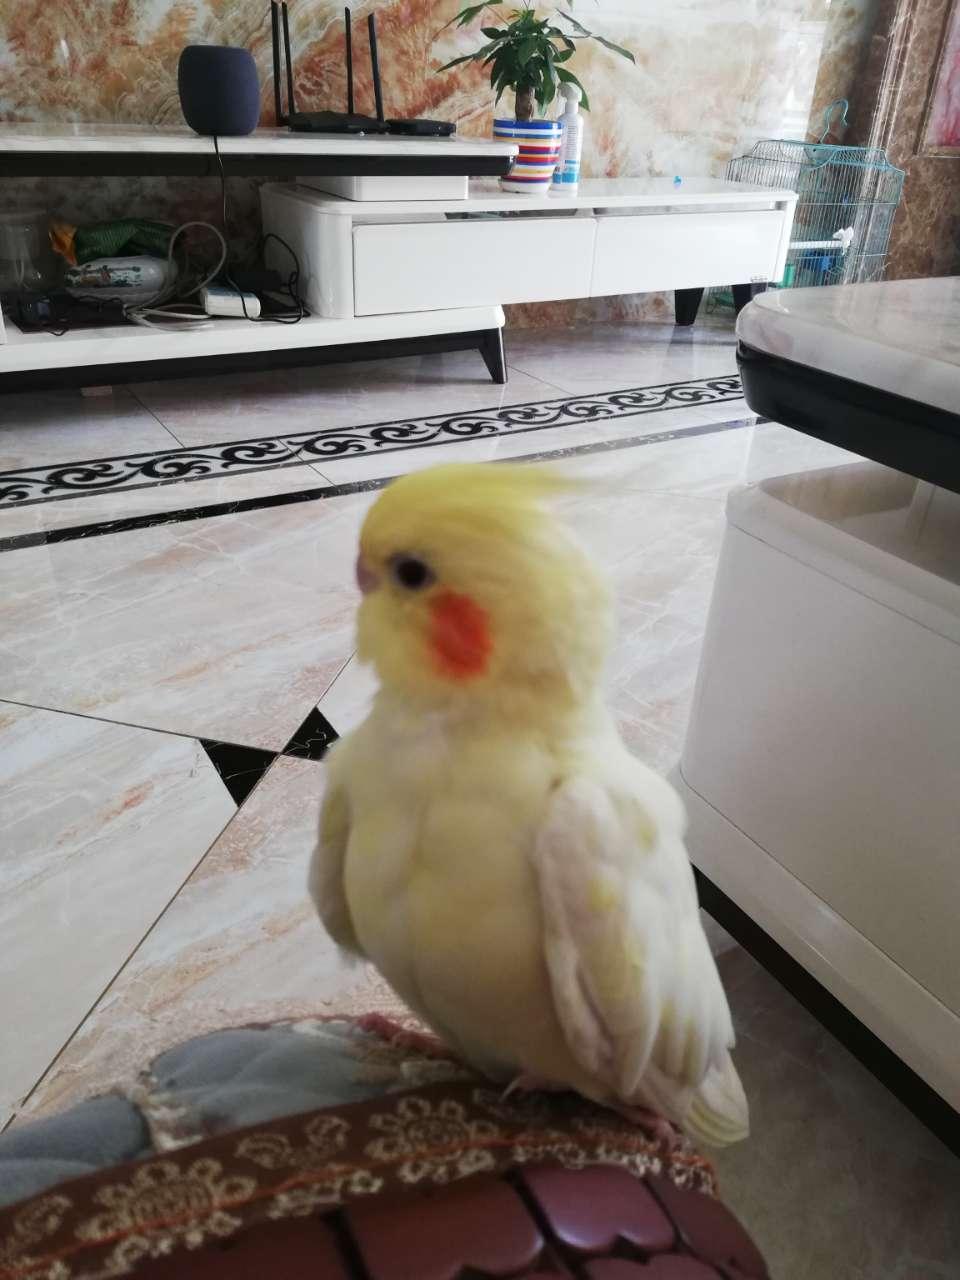 【寻人寻物】各位哥哥姐姐叔叔阿姨我丢了一只黄色鹦鹉